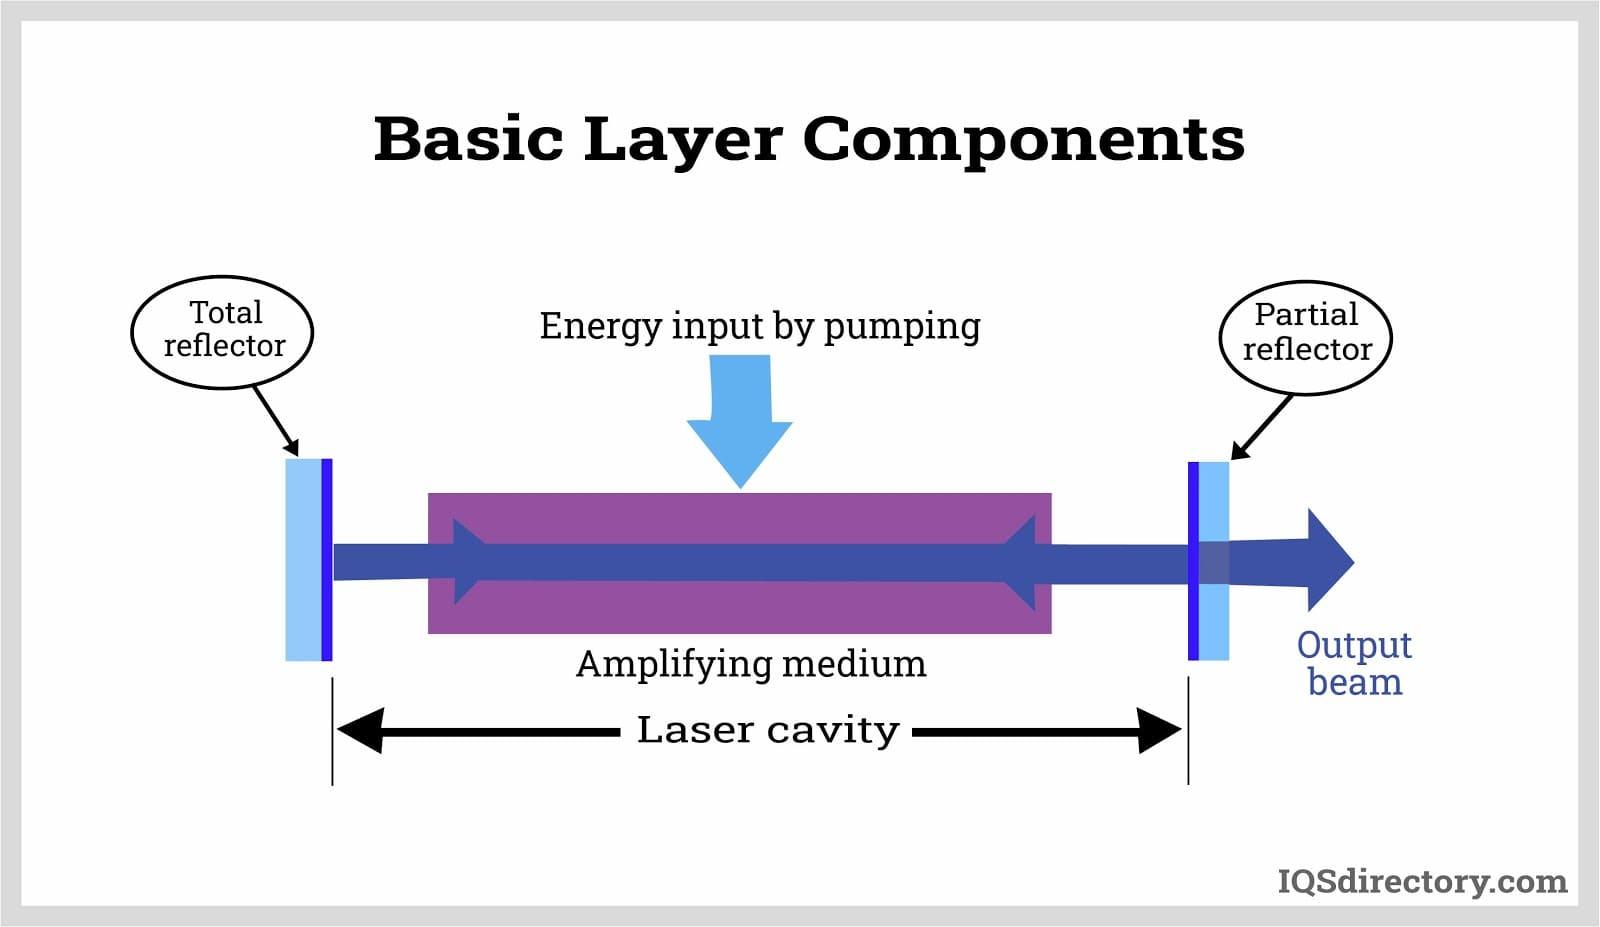 Basic Laser Components